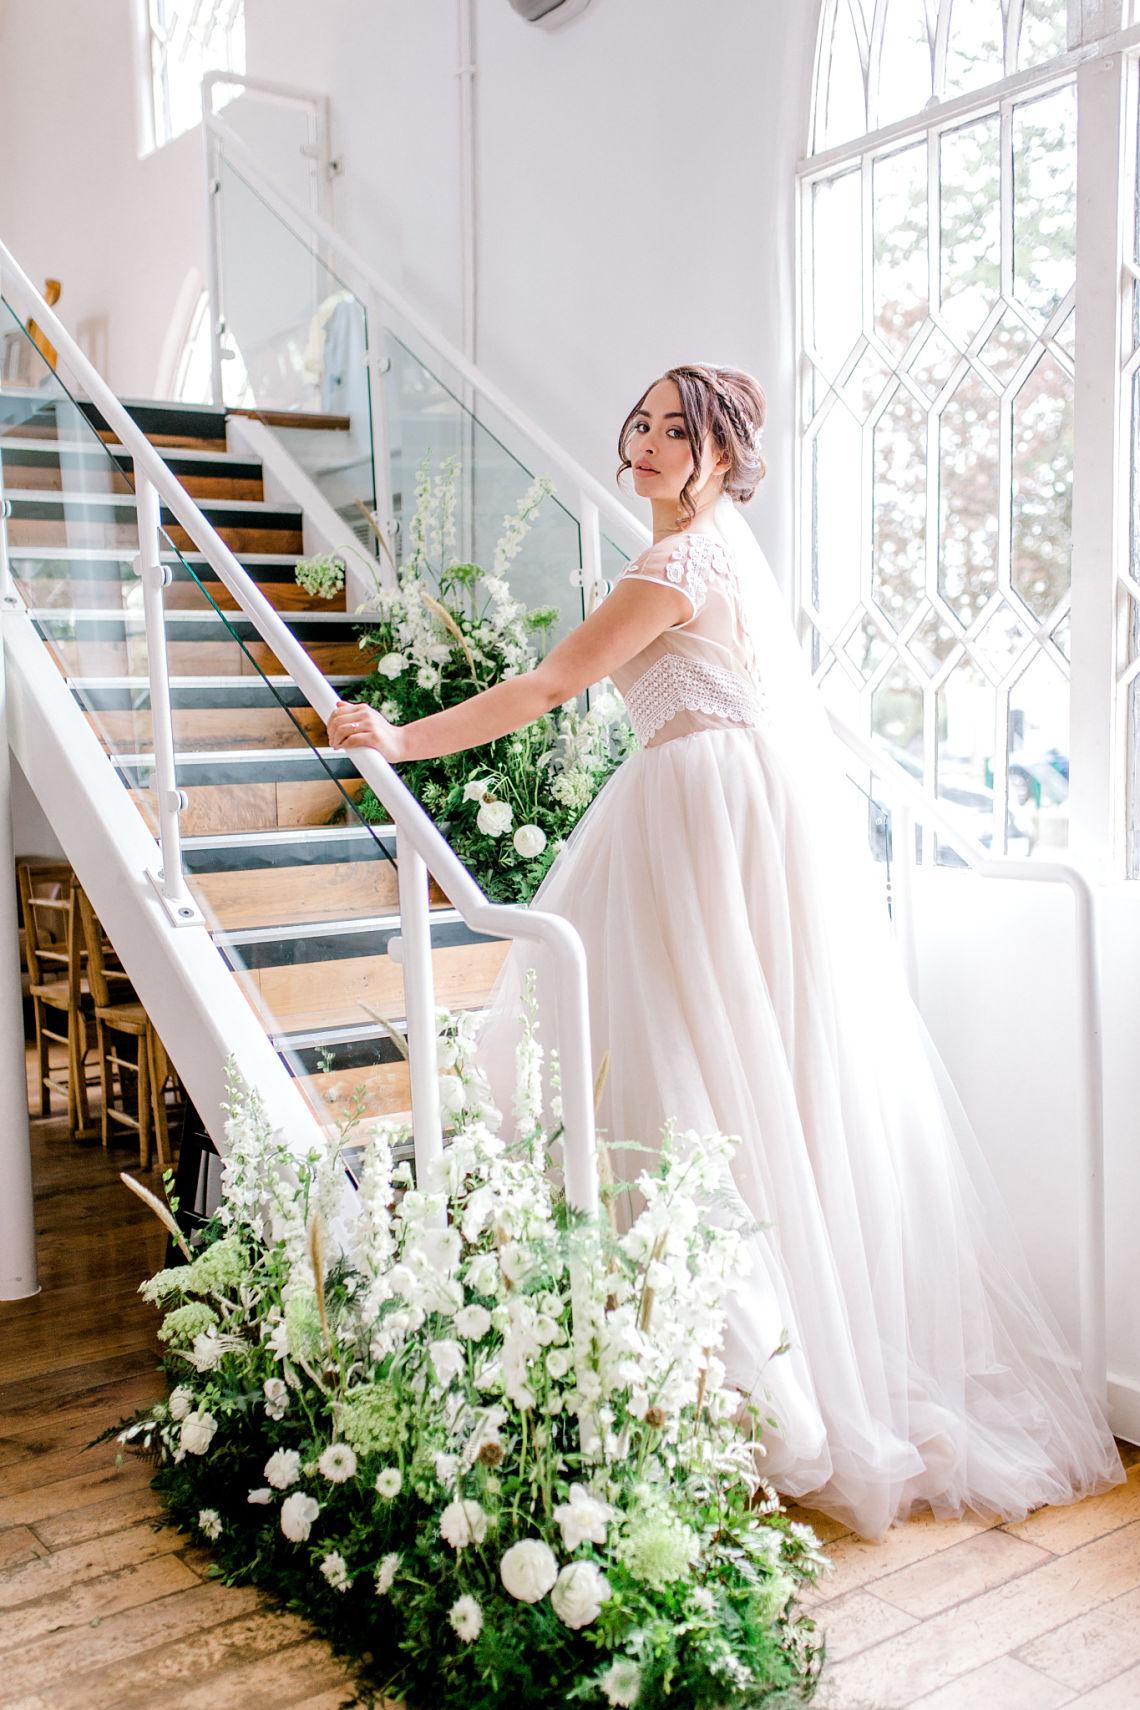 bride-essex wedding-planner-wedding flowers